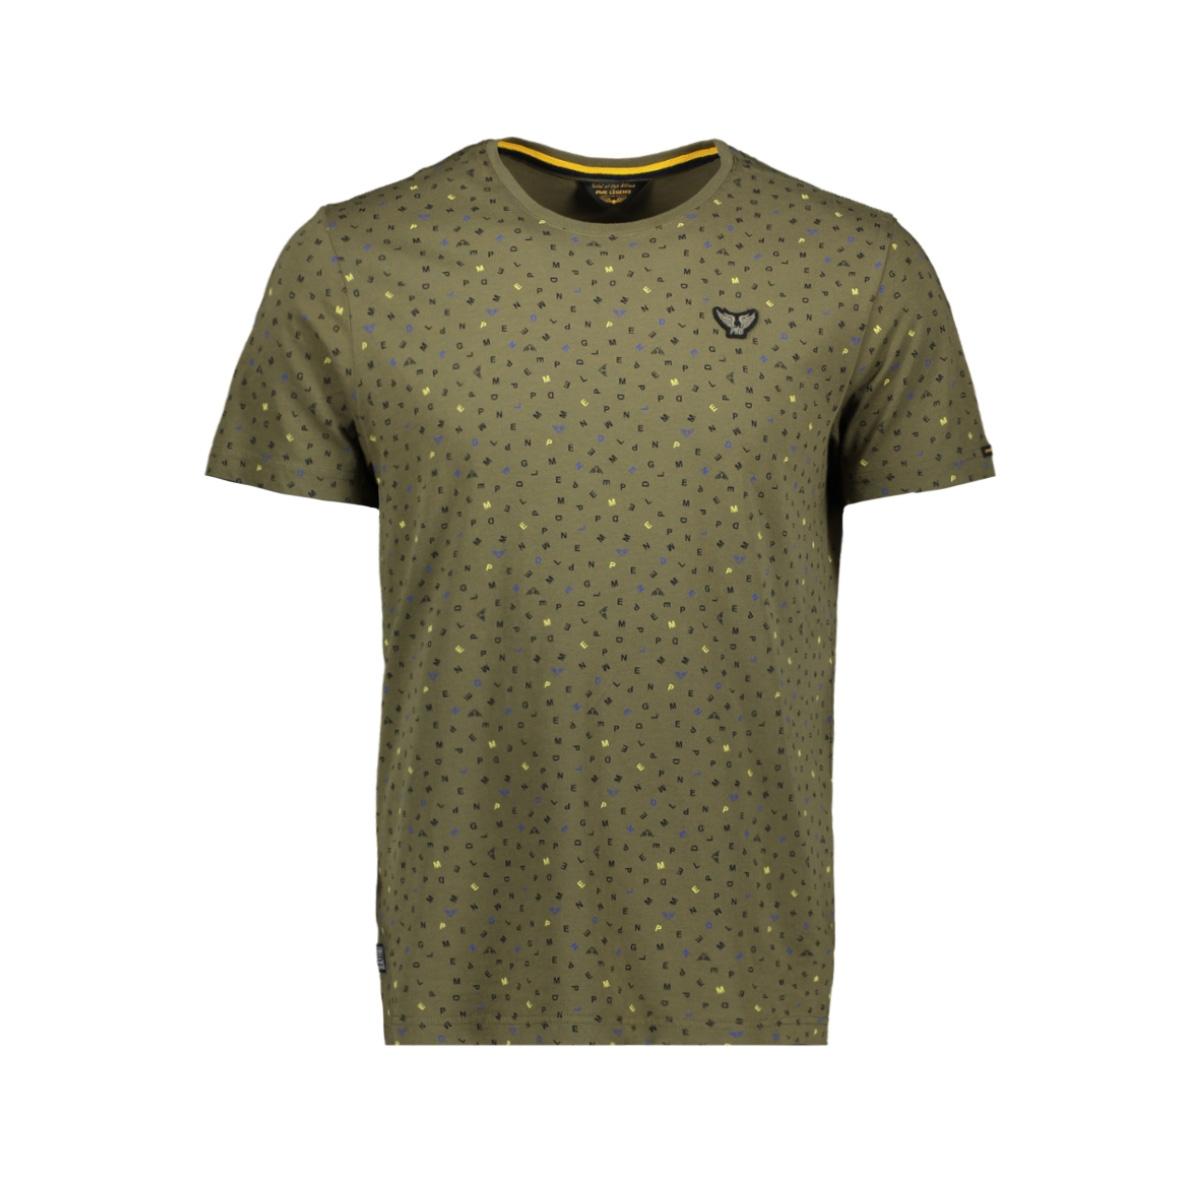 single jersey t shirt ptss204572 pme legend t-shirt 6447